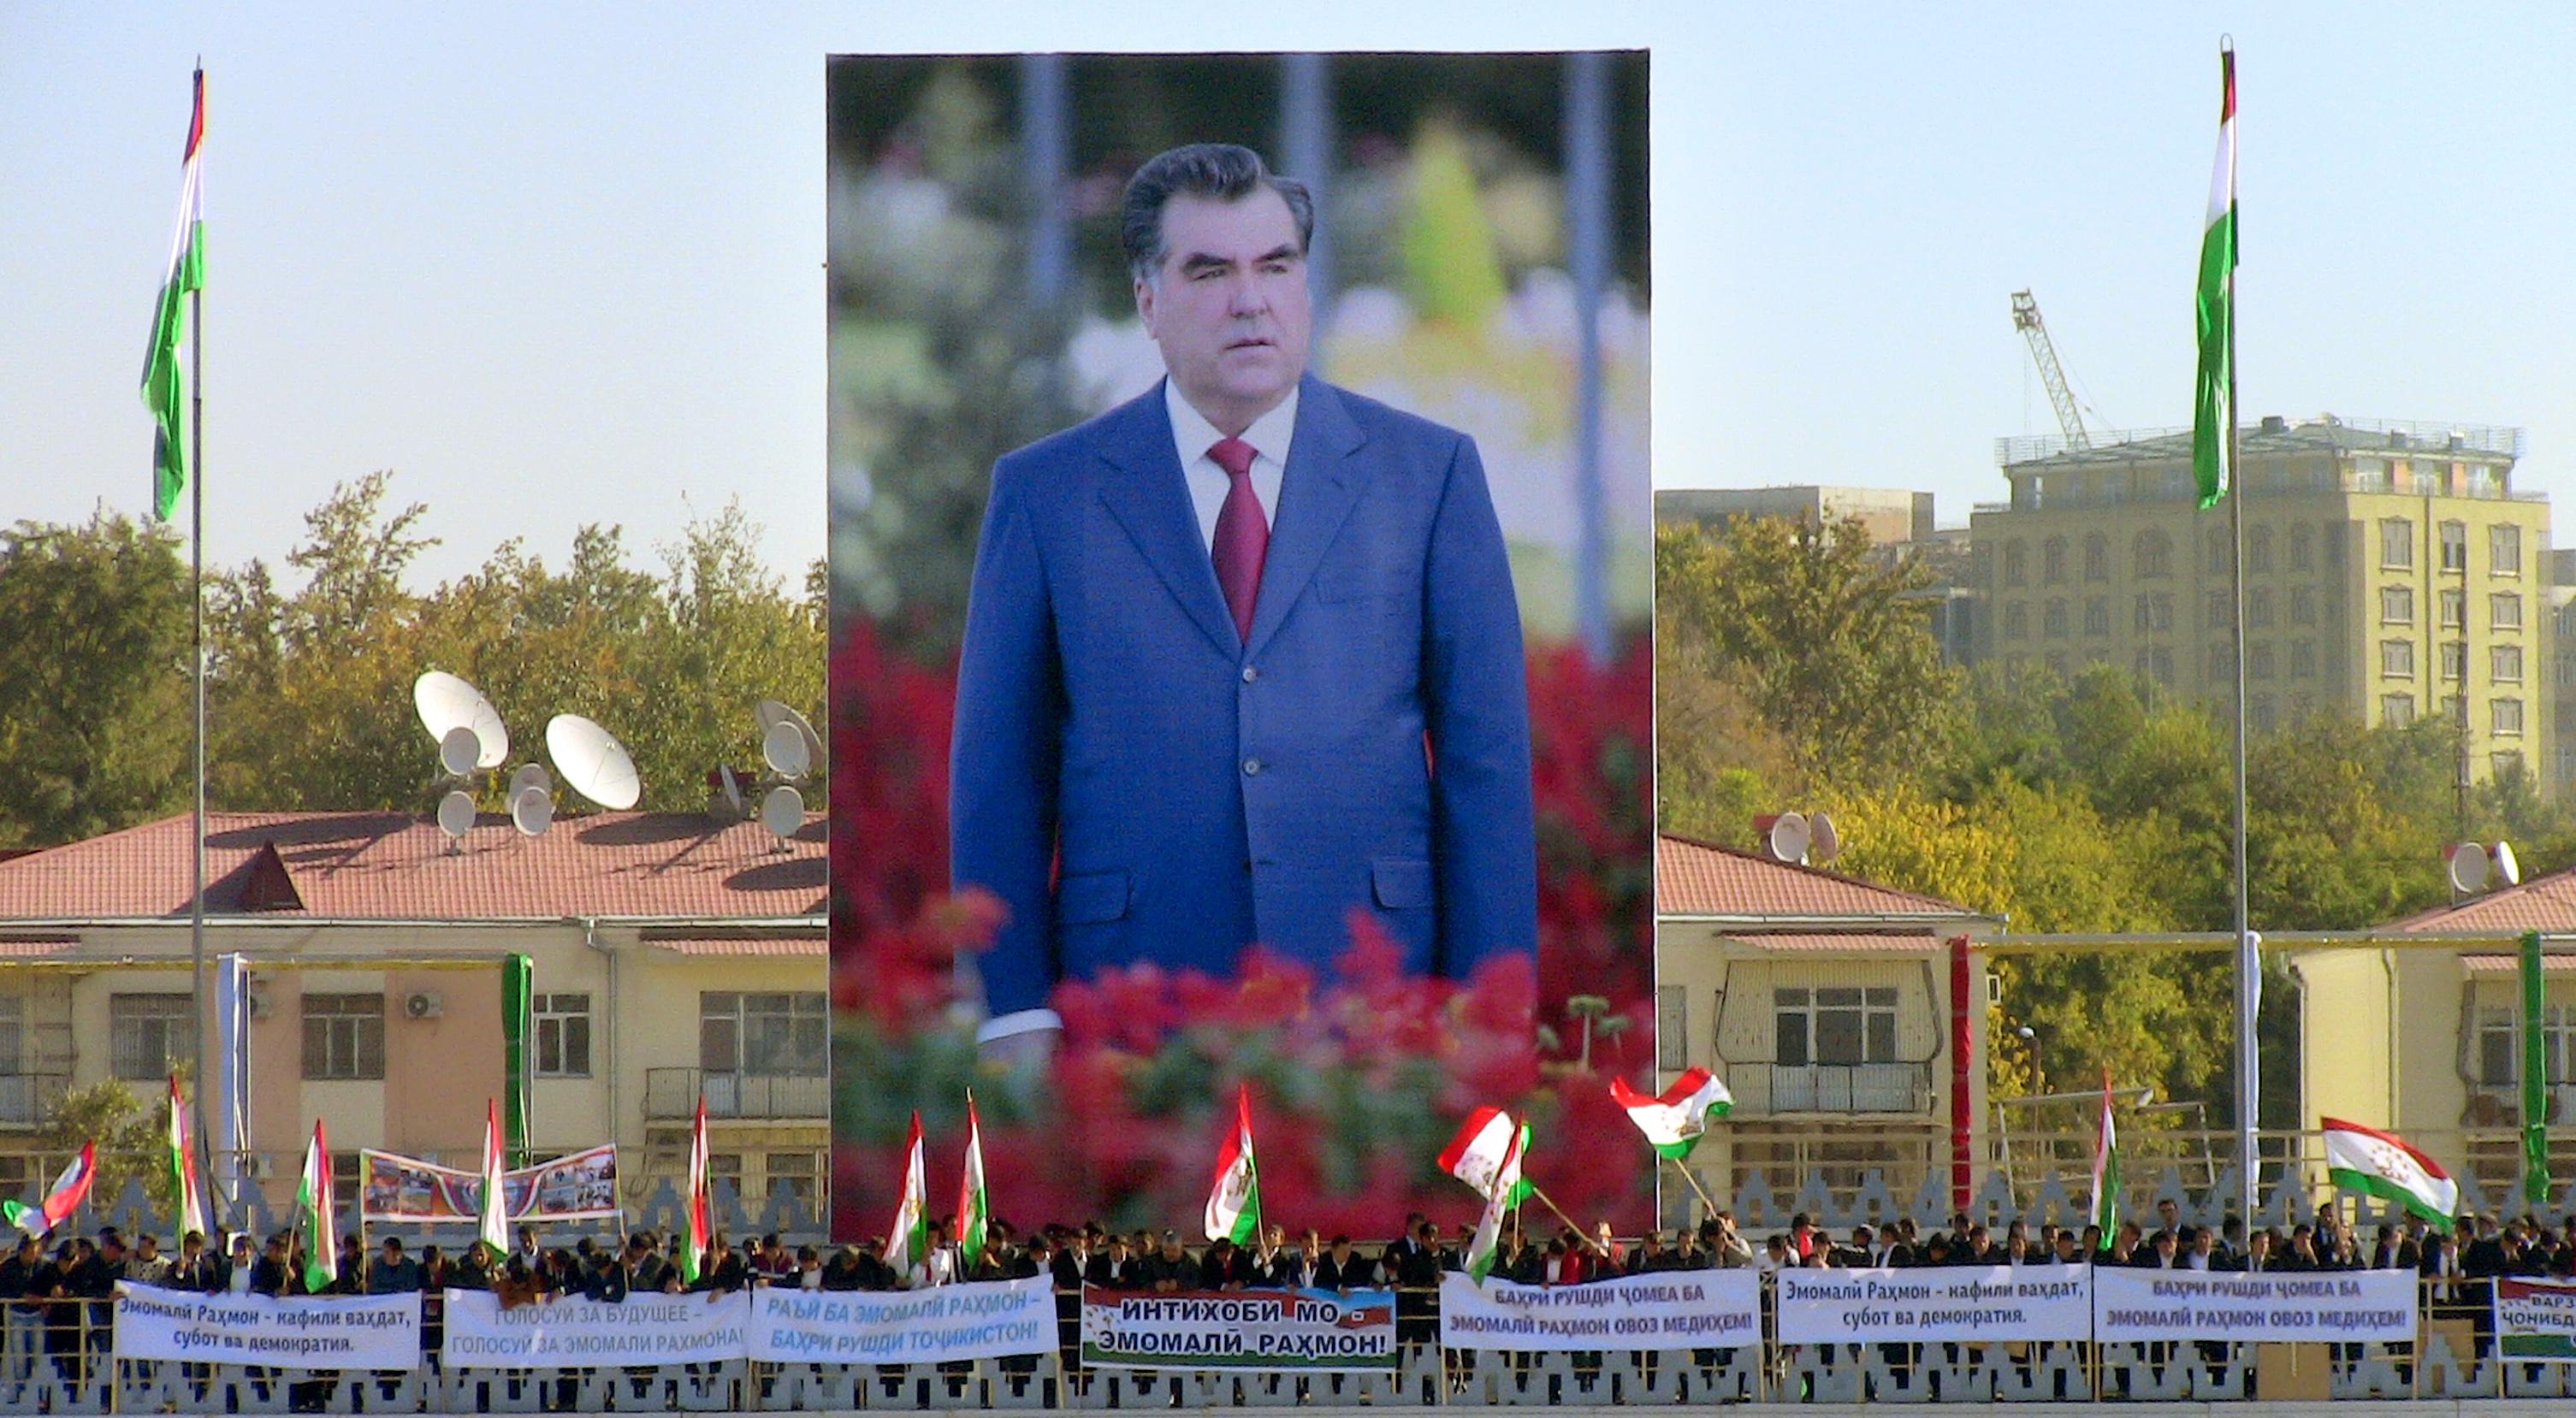 مواطنون يلوحون بأعلام طاجيكستان